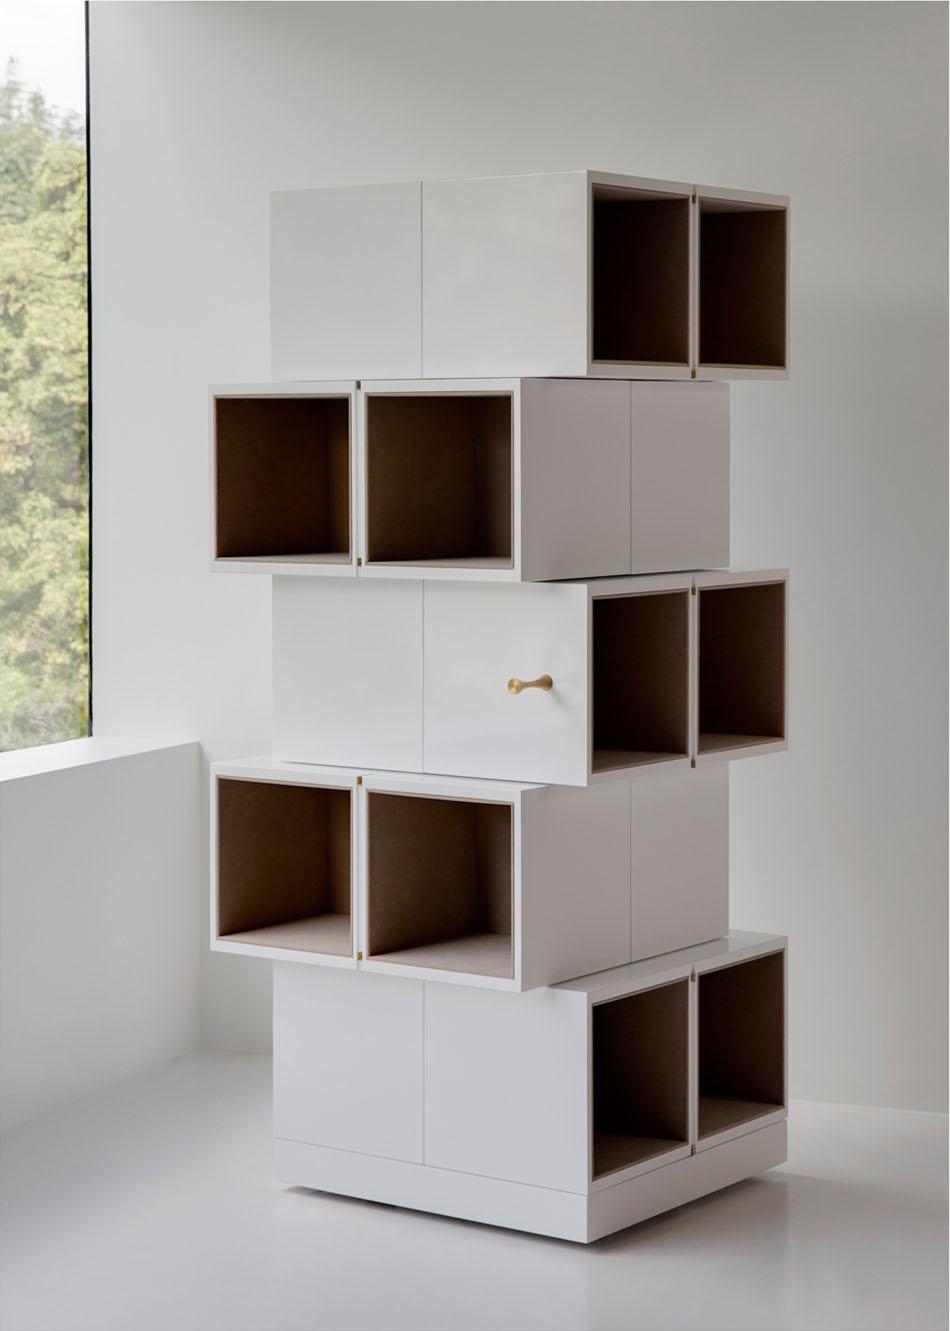 Дизайнерский шкаф в интерьере дома: высота шкафа Cubrick Twenty – 160 см